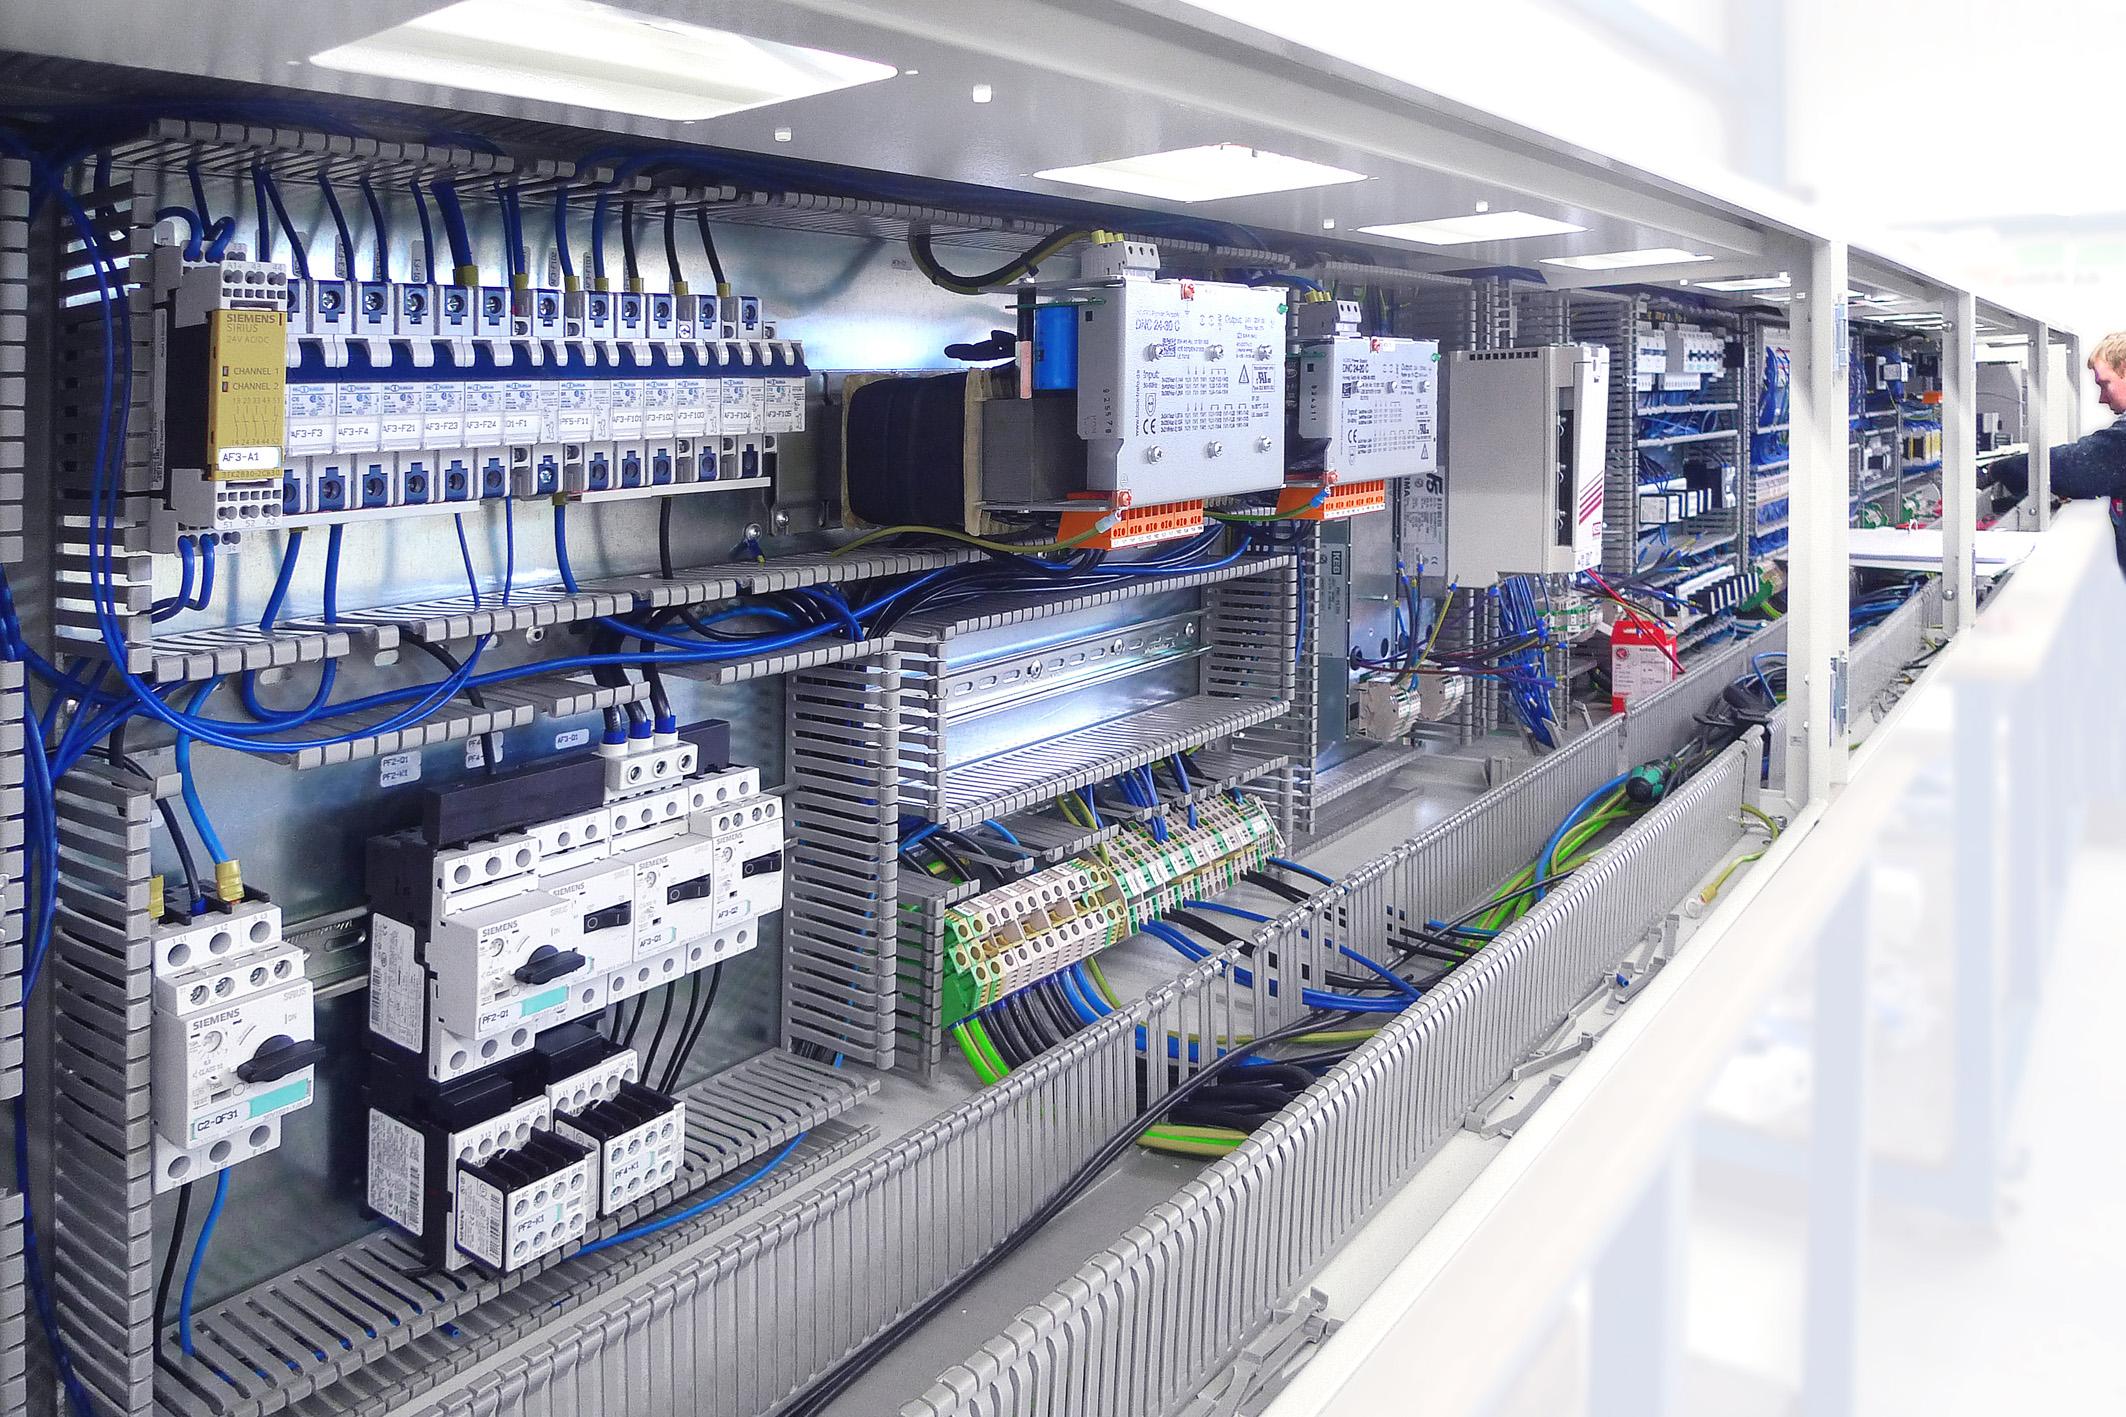 Mit seinen MIC-Anreihgehäusen bietet LFS Technology flexible Lösungen für die zeit- und materialsparende Schrank-zu-Schrank-Verdrahtung. (Bild: LFS Technology GmbH)